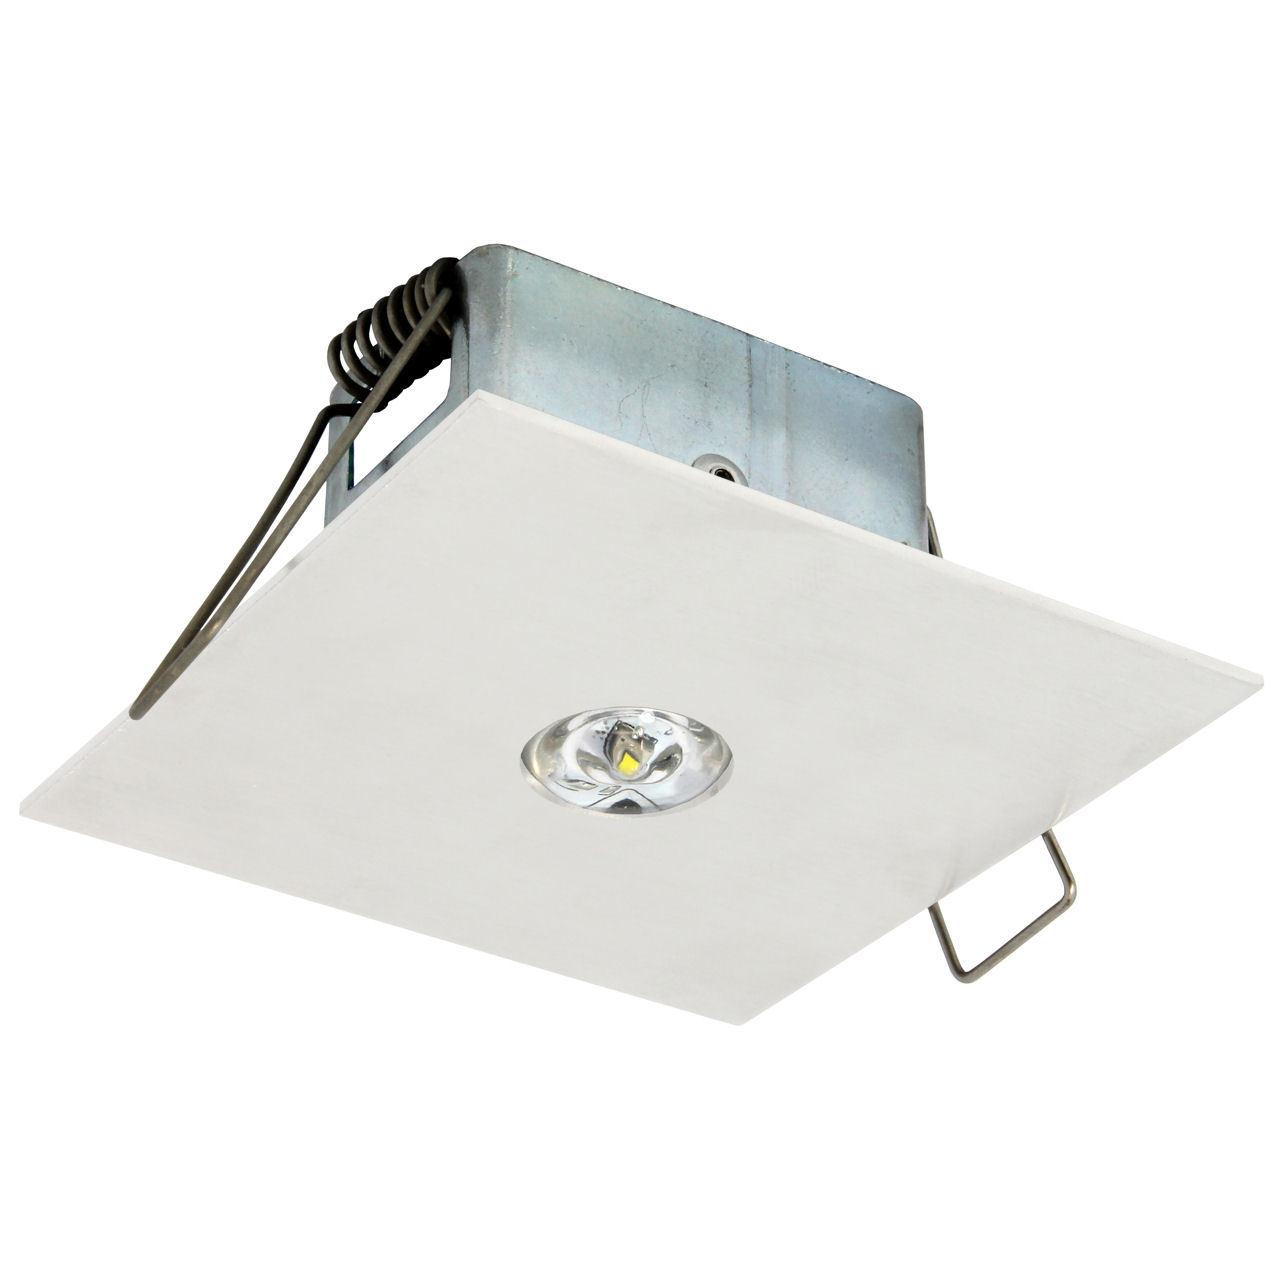 Встраиваемый эвакуационный светильник для освещения открытых зон EYE/O LED Square Awex